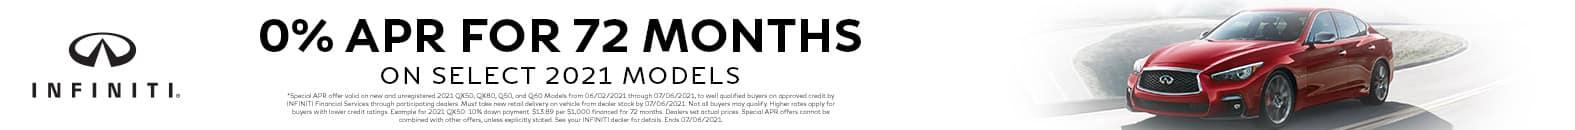 0% APR For 72 Months At Bert Ogden INFINITI   Edinburg, TX